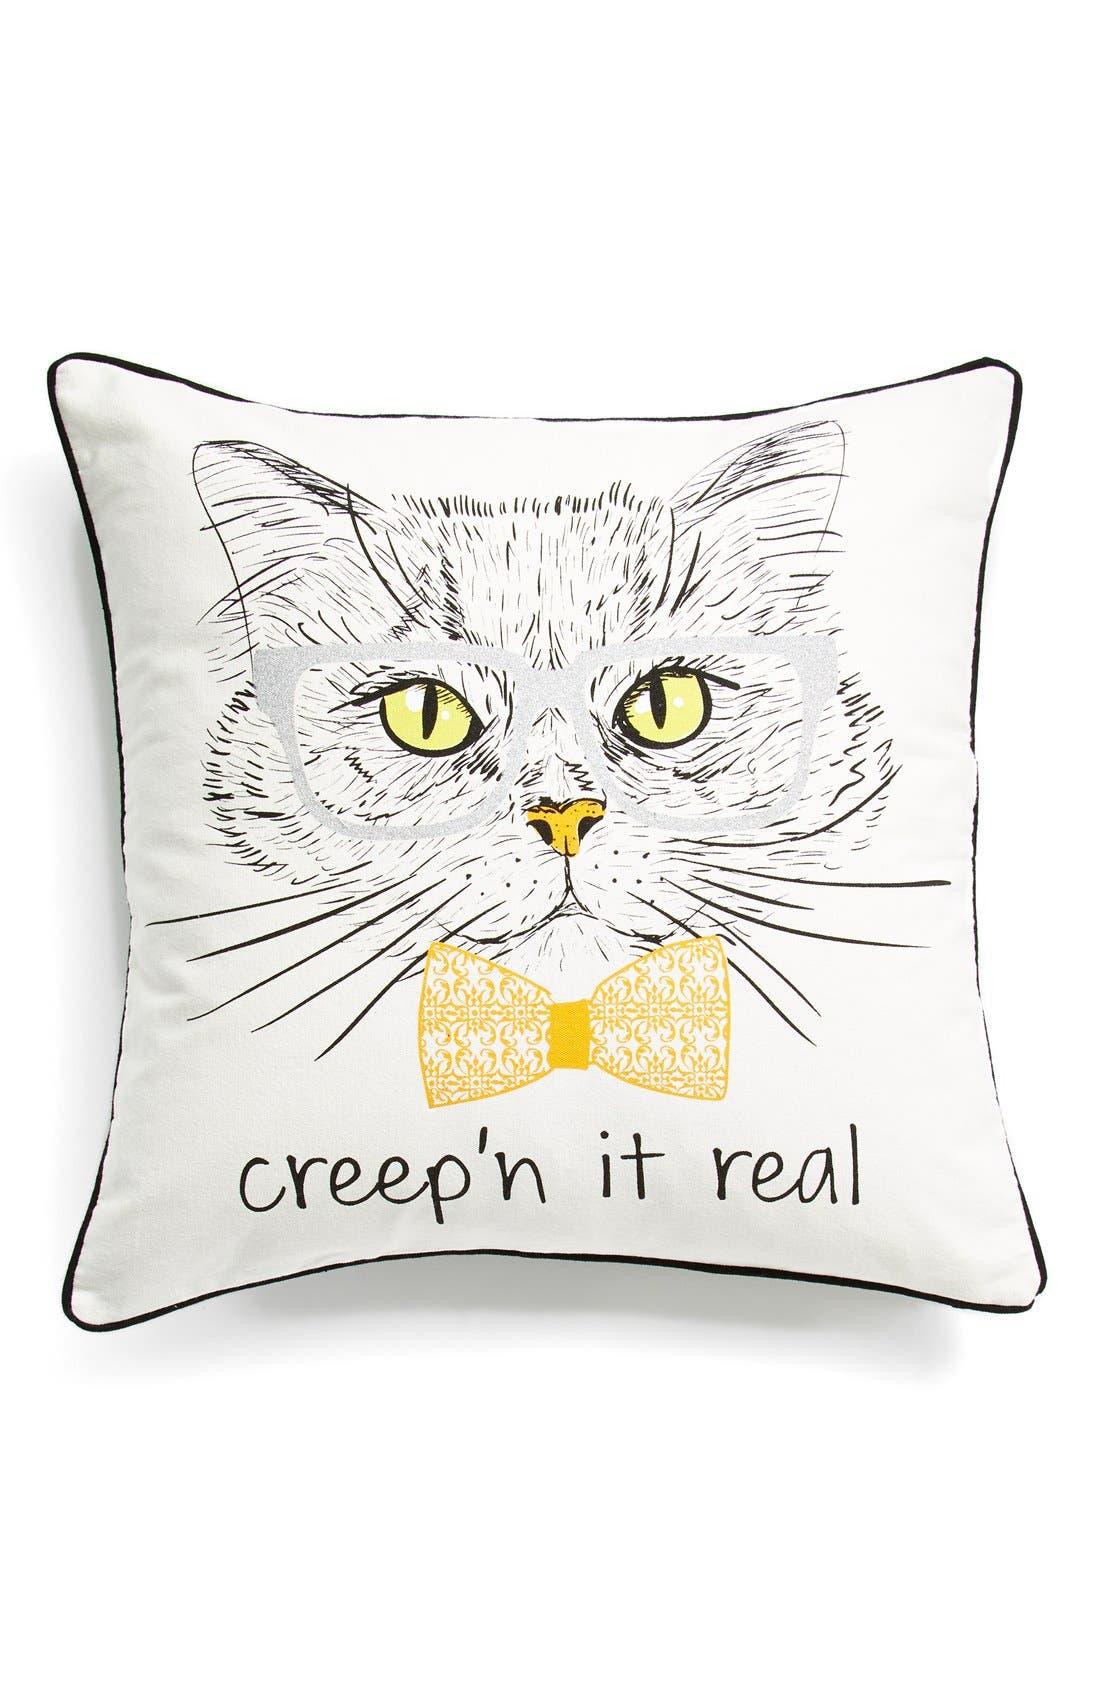 'Creep'n It Real' Pillow,                             Main thumbnail 1, color,                             250